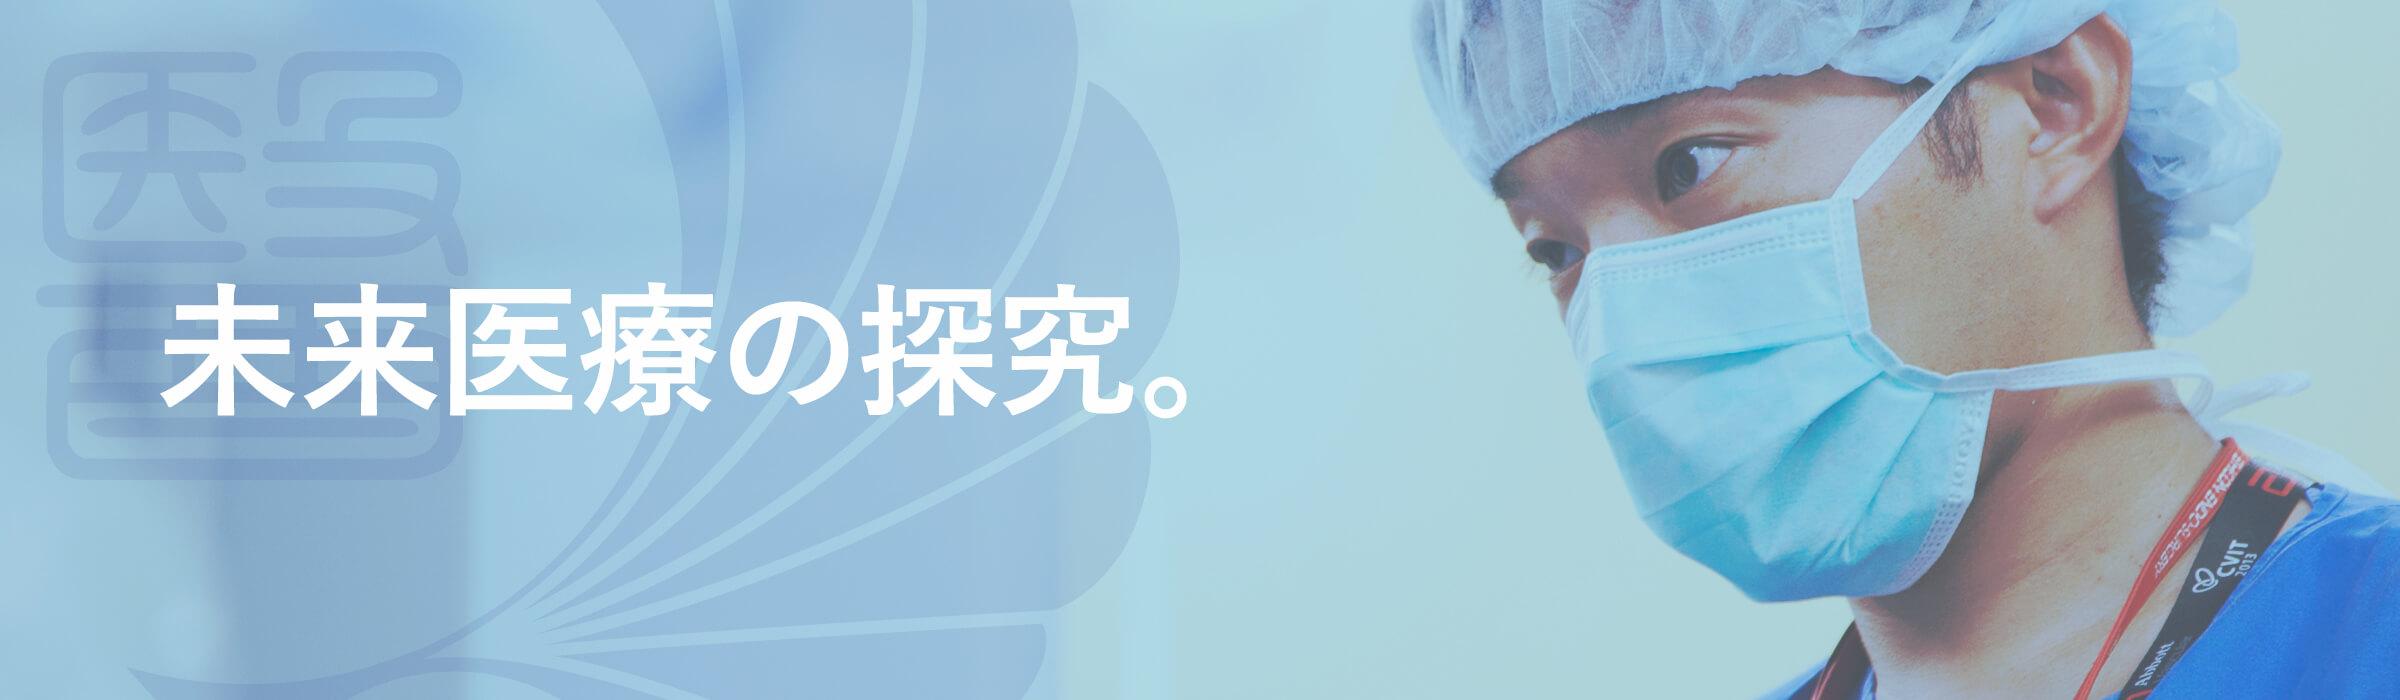 未来医療の探究。